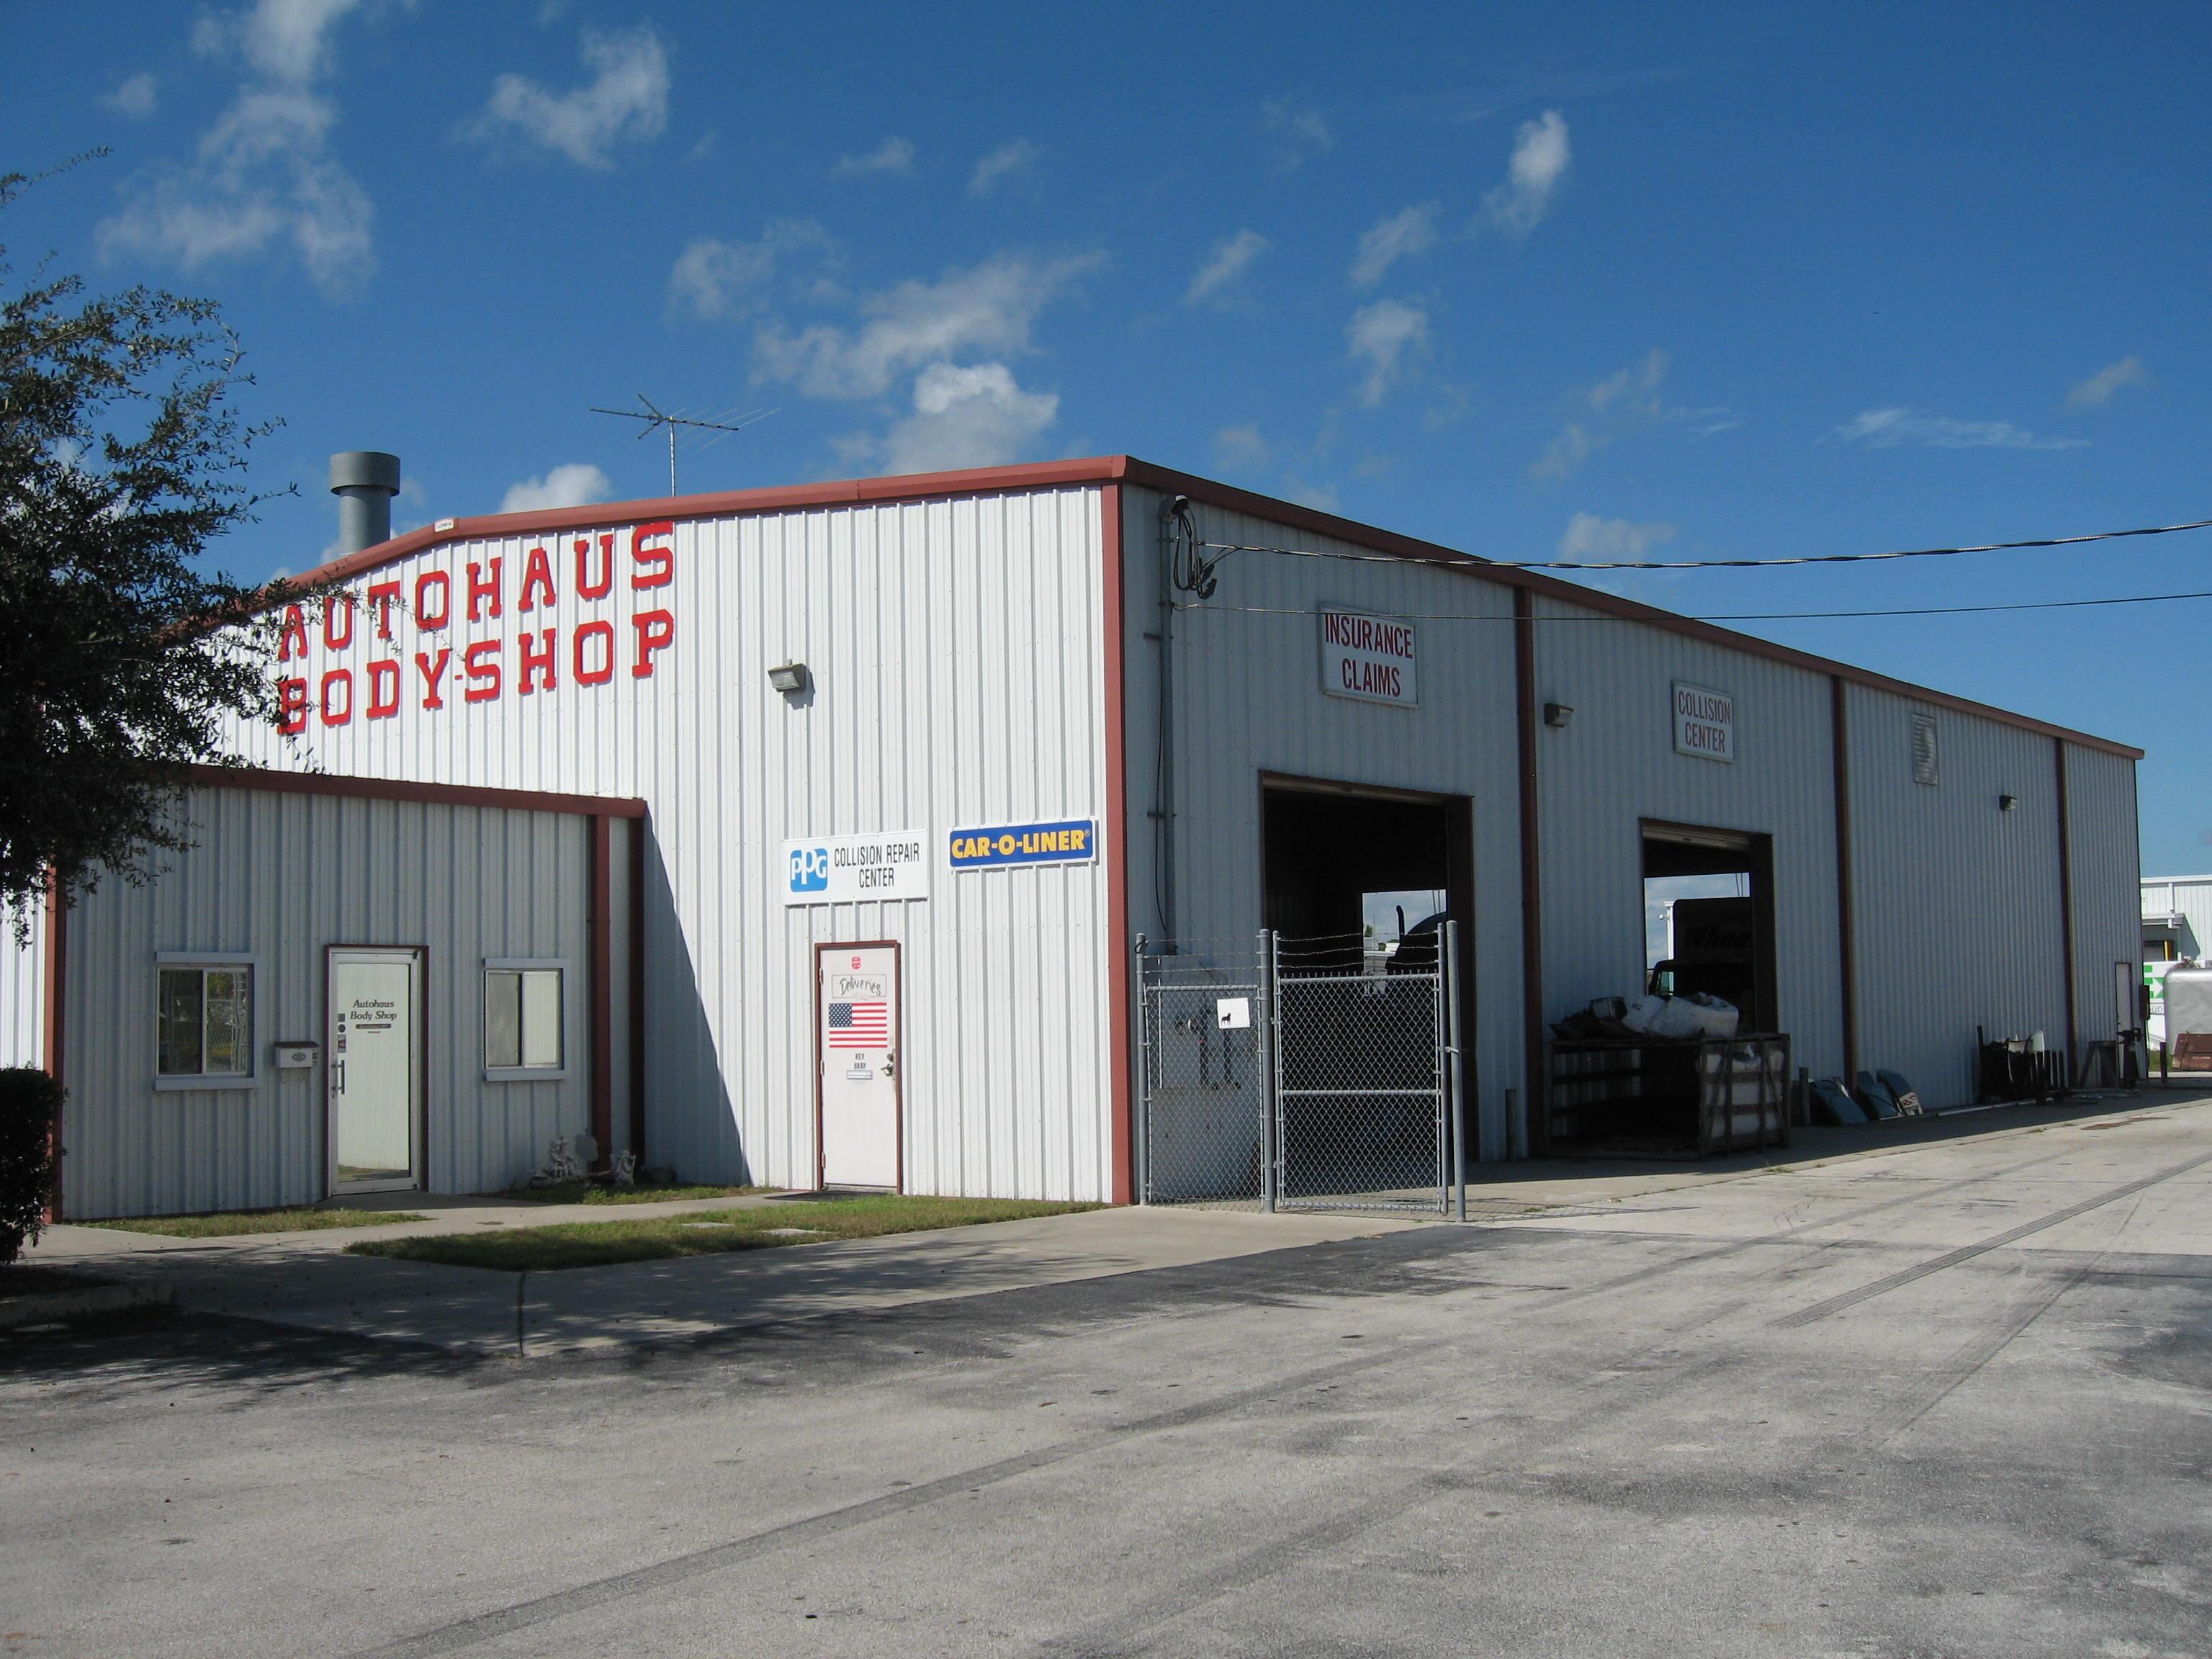 Autohaus Body Shop image 1